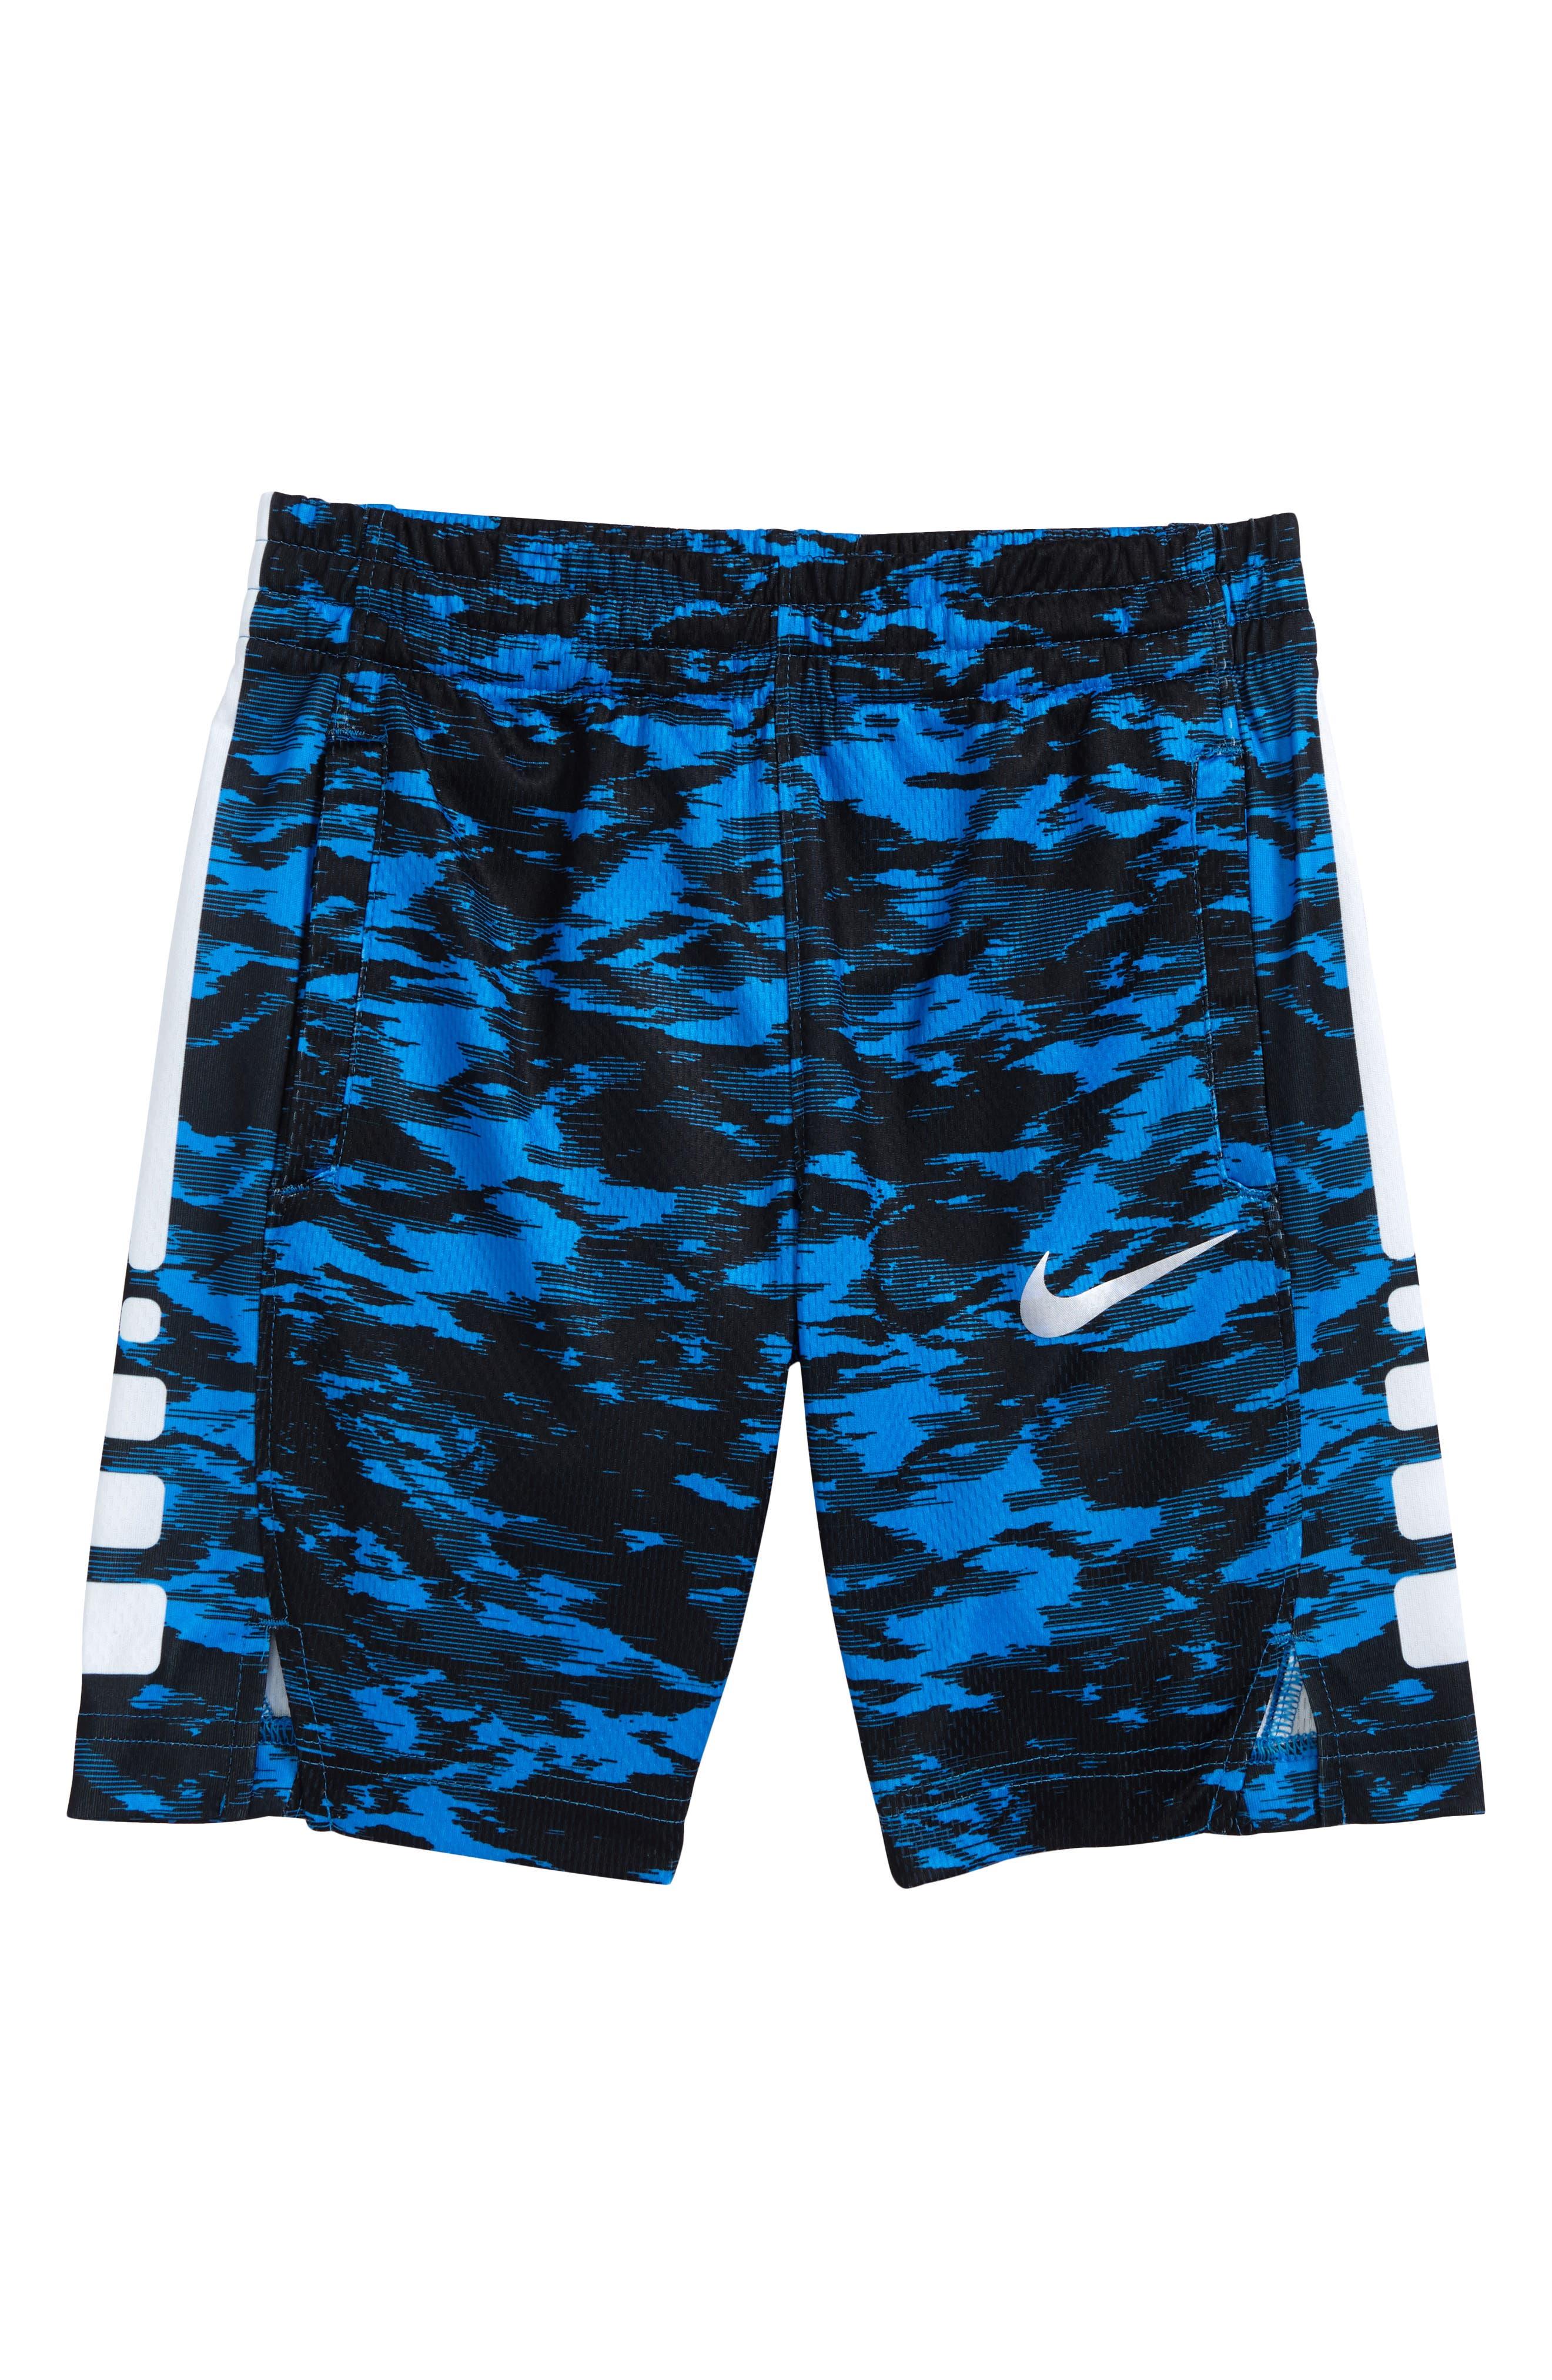 Vent AOP Shorts,                             Main thumbnail 1, color,                             Light Photo Blue